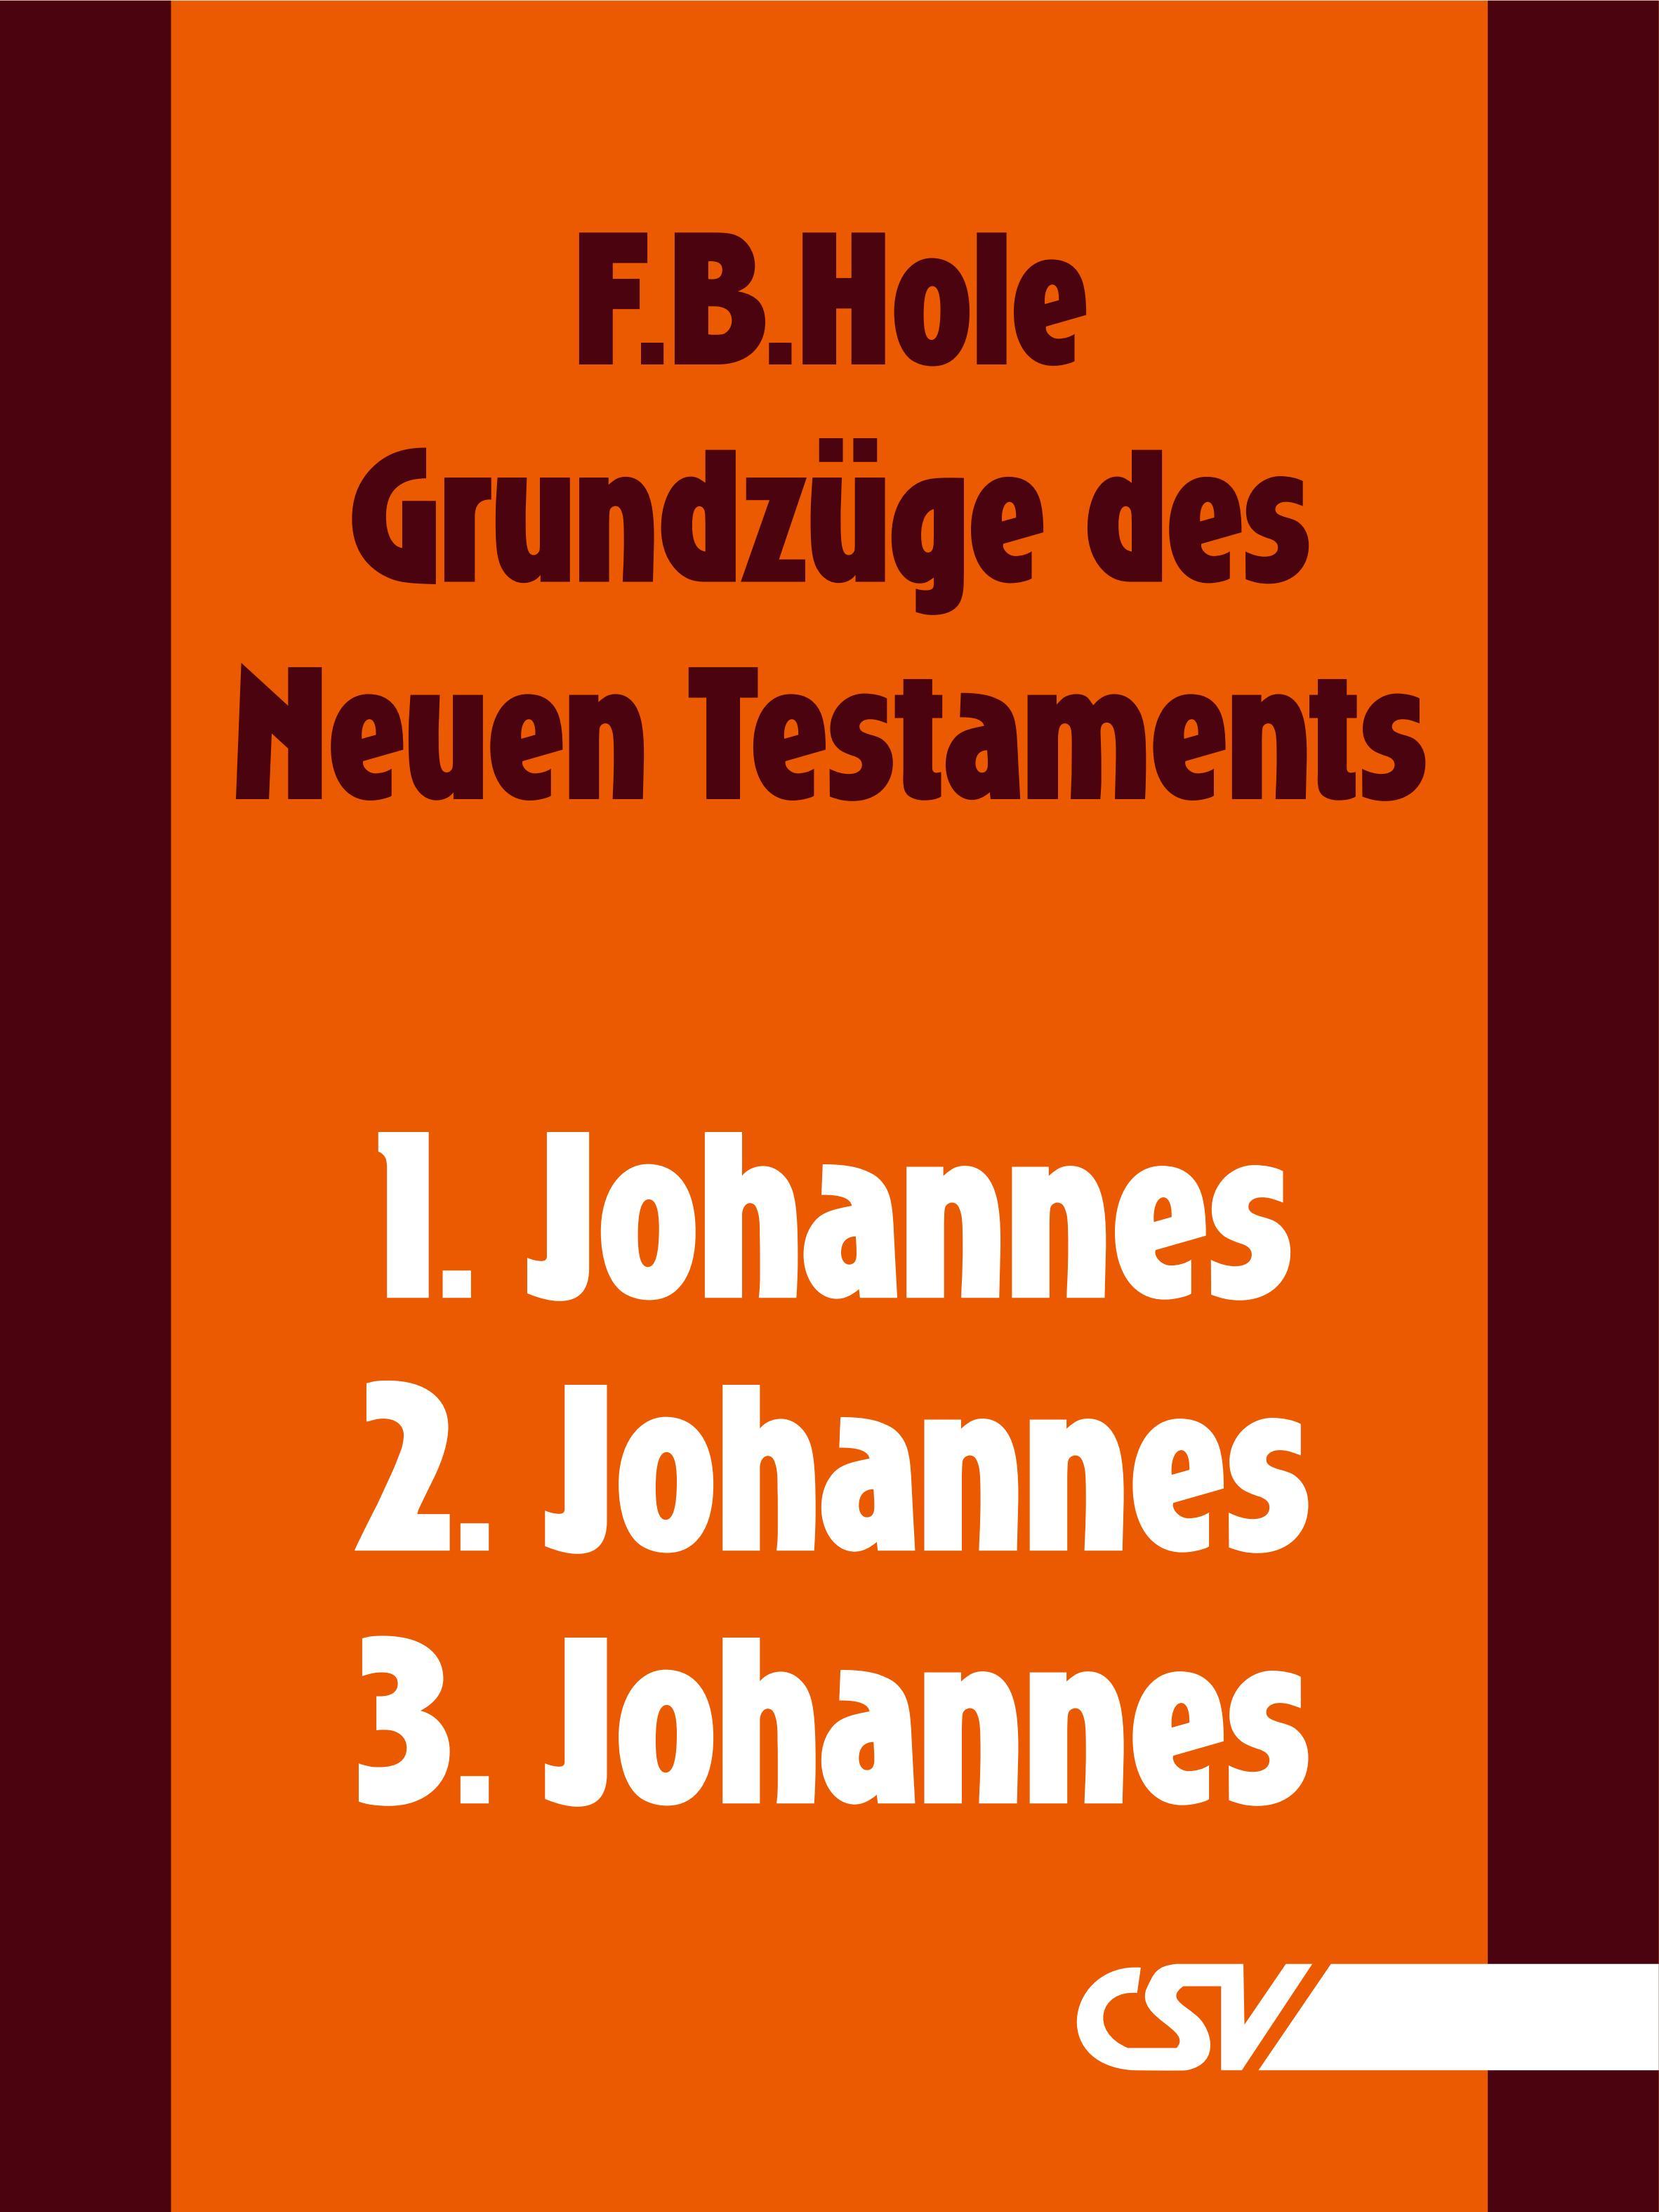 F. B. Hole Grundzüge des Neuen Testaments - 1., 2. & 3. Johannes f b hole grundzüge des neuen testaments 2 korinther